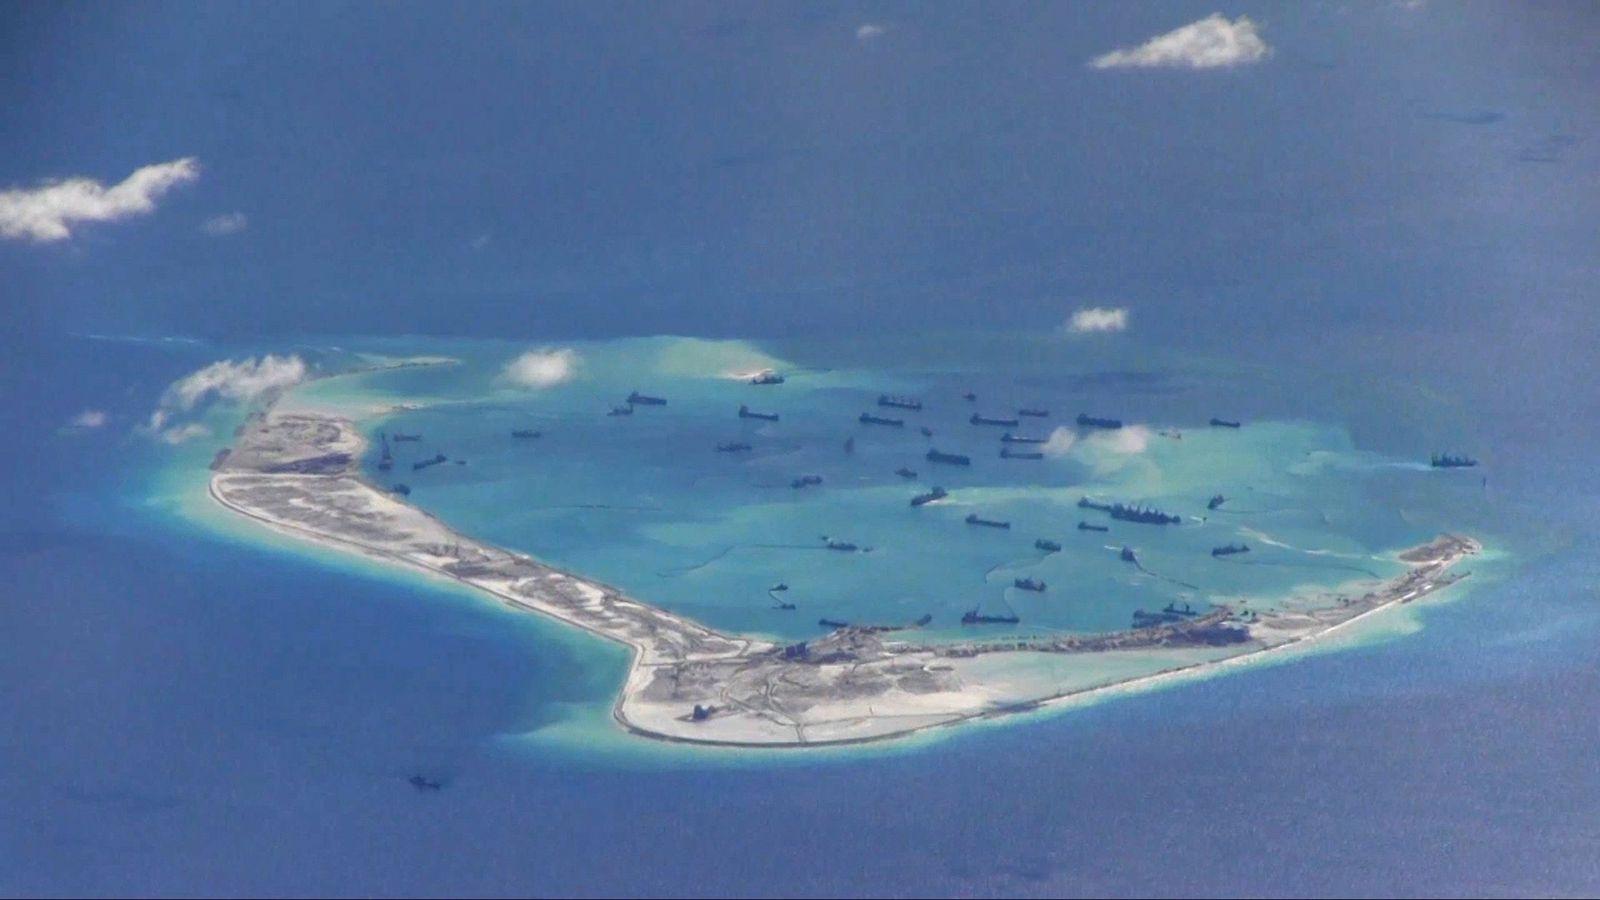 Südchinesisches Meer / Spratly